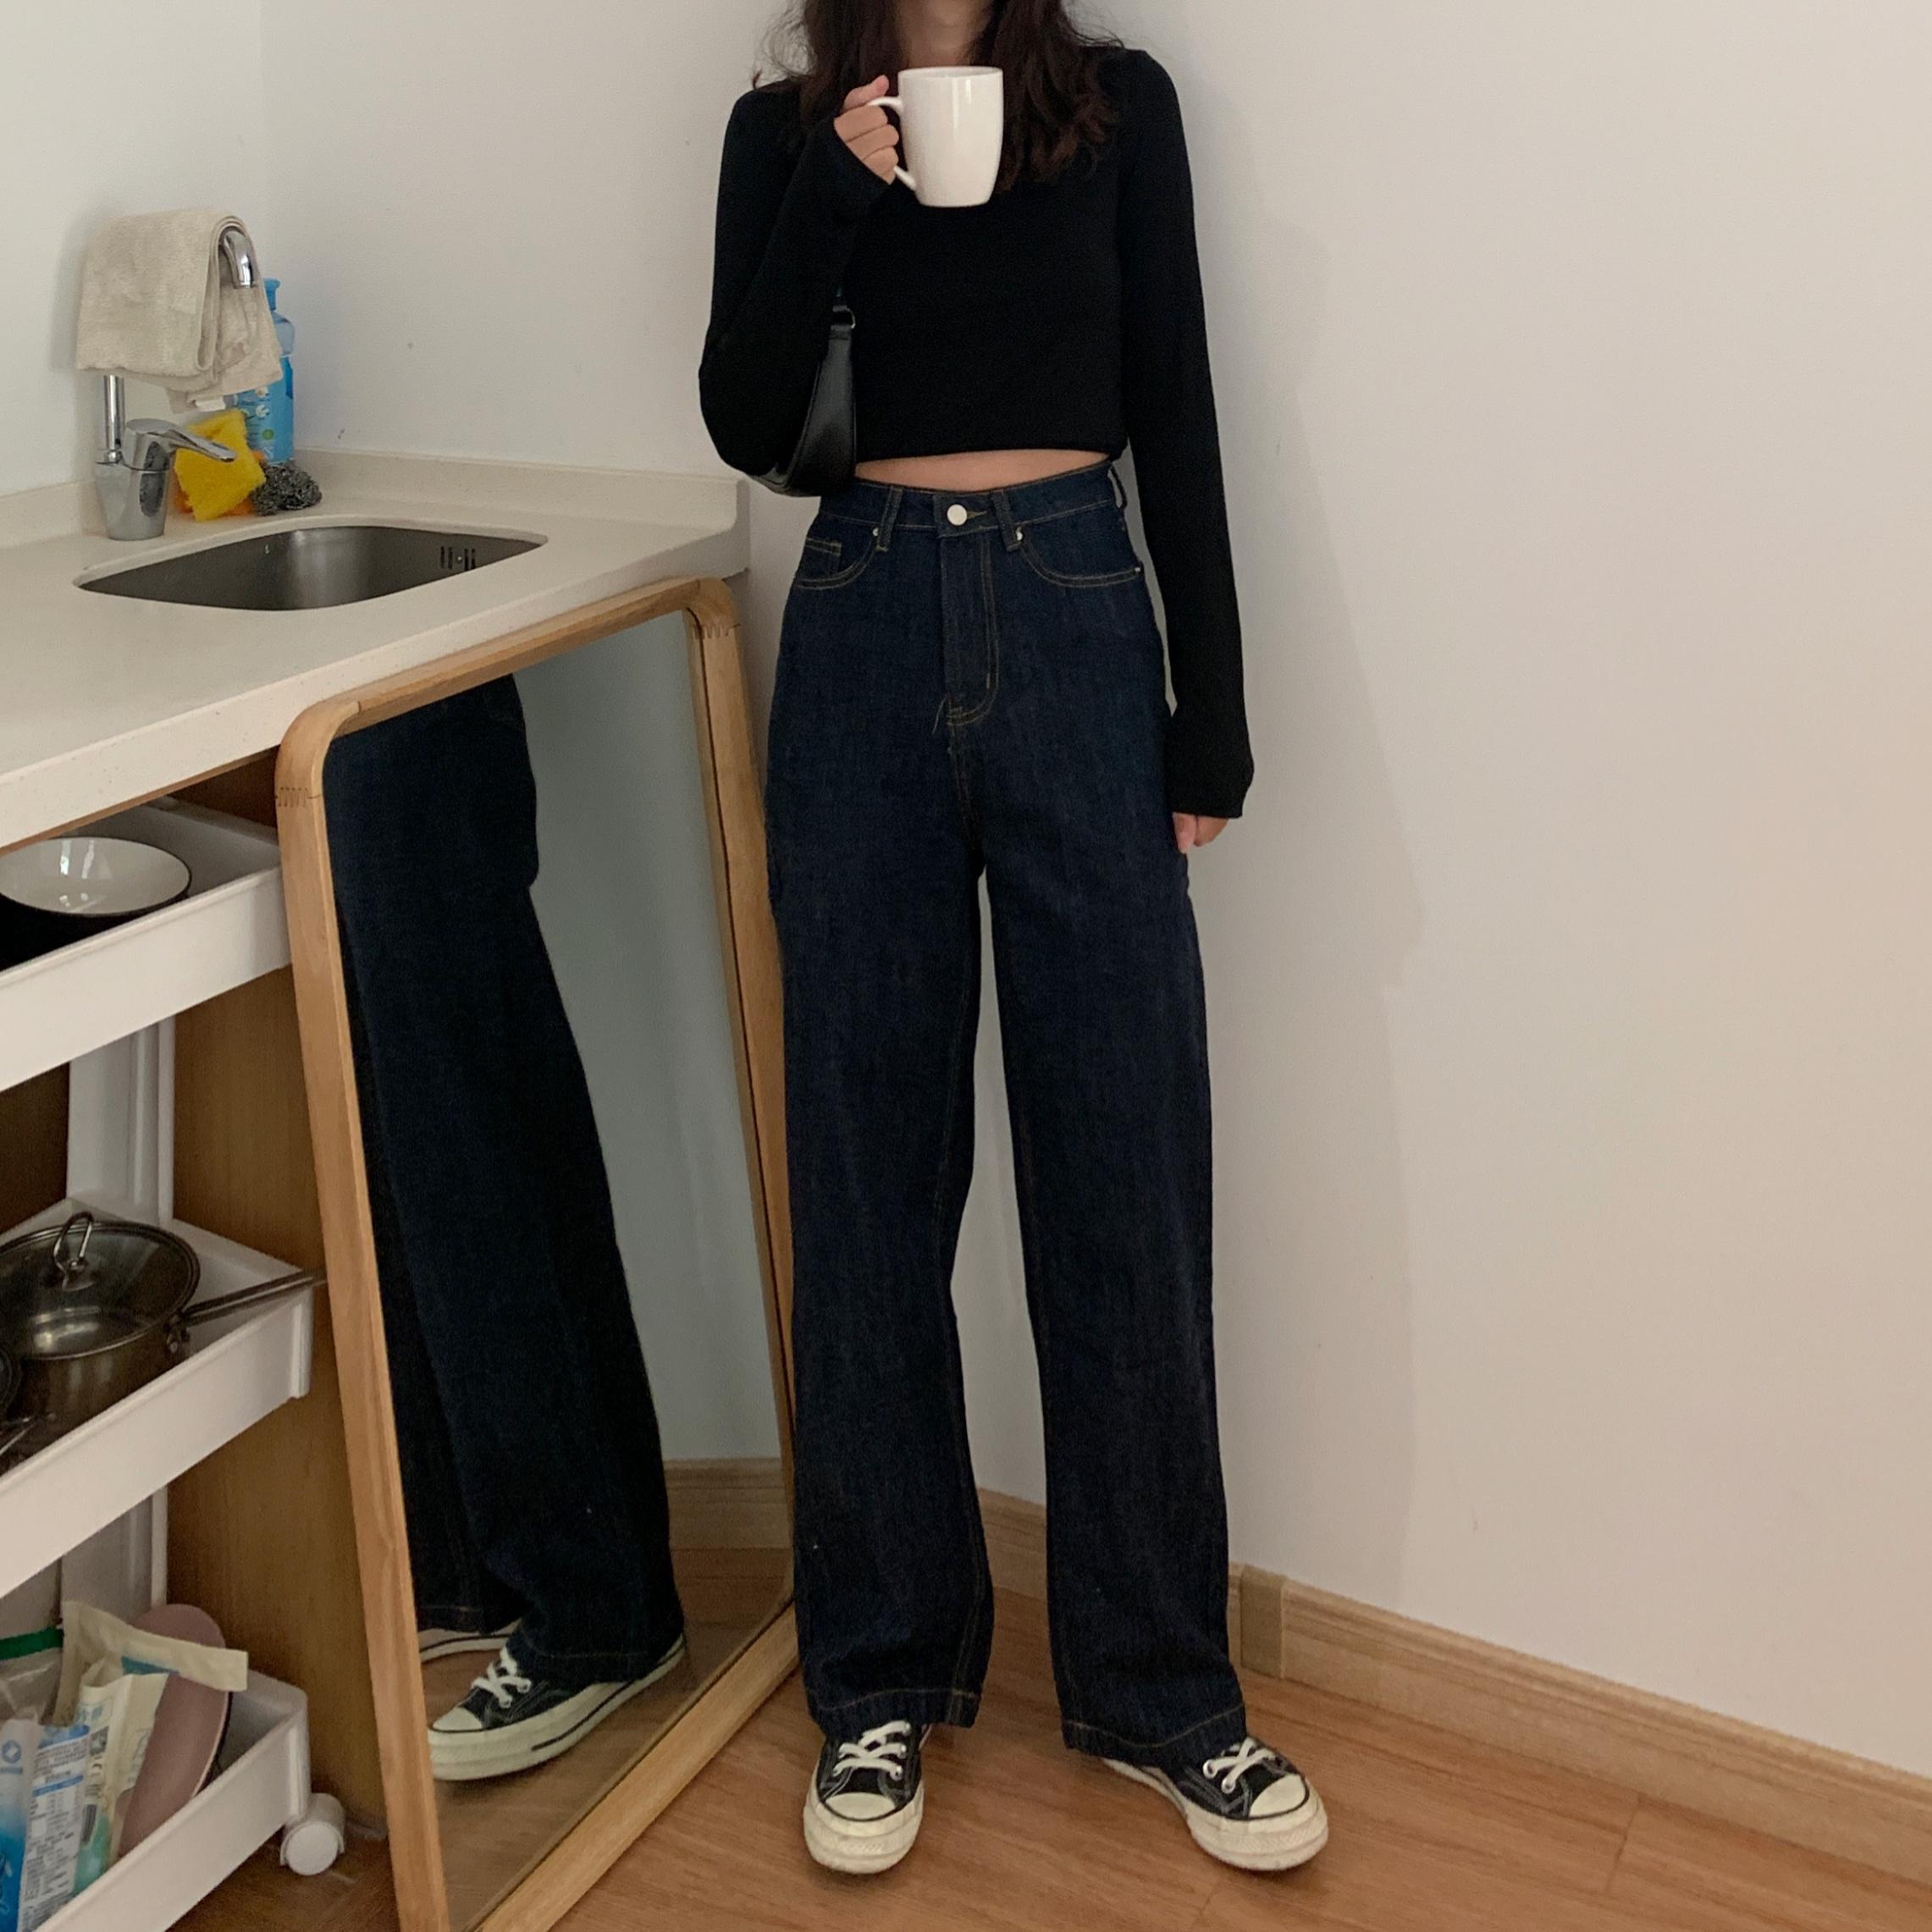 大码深色牛仔裤女高腰胖妹妹宽松阔腿直筒显瘦适合胯大腿粗的裤子